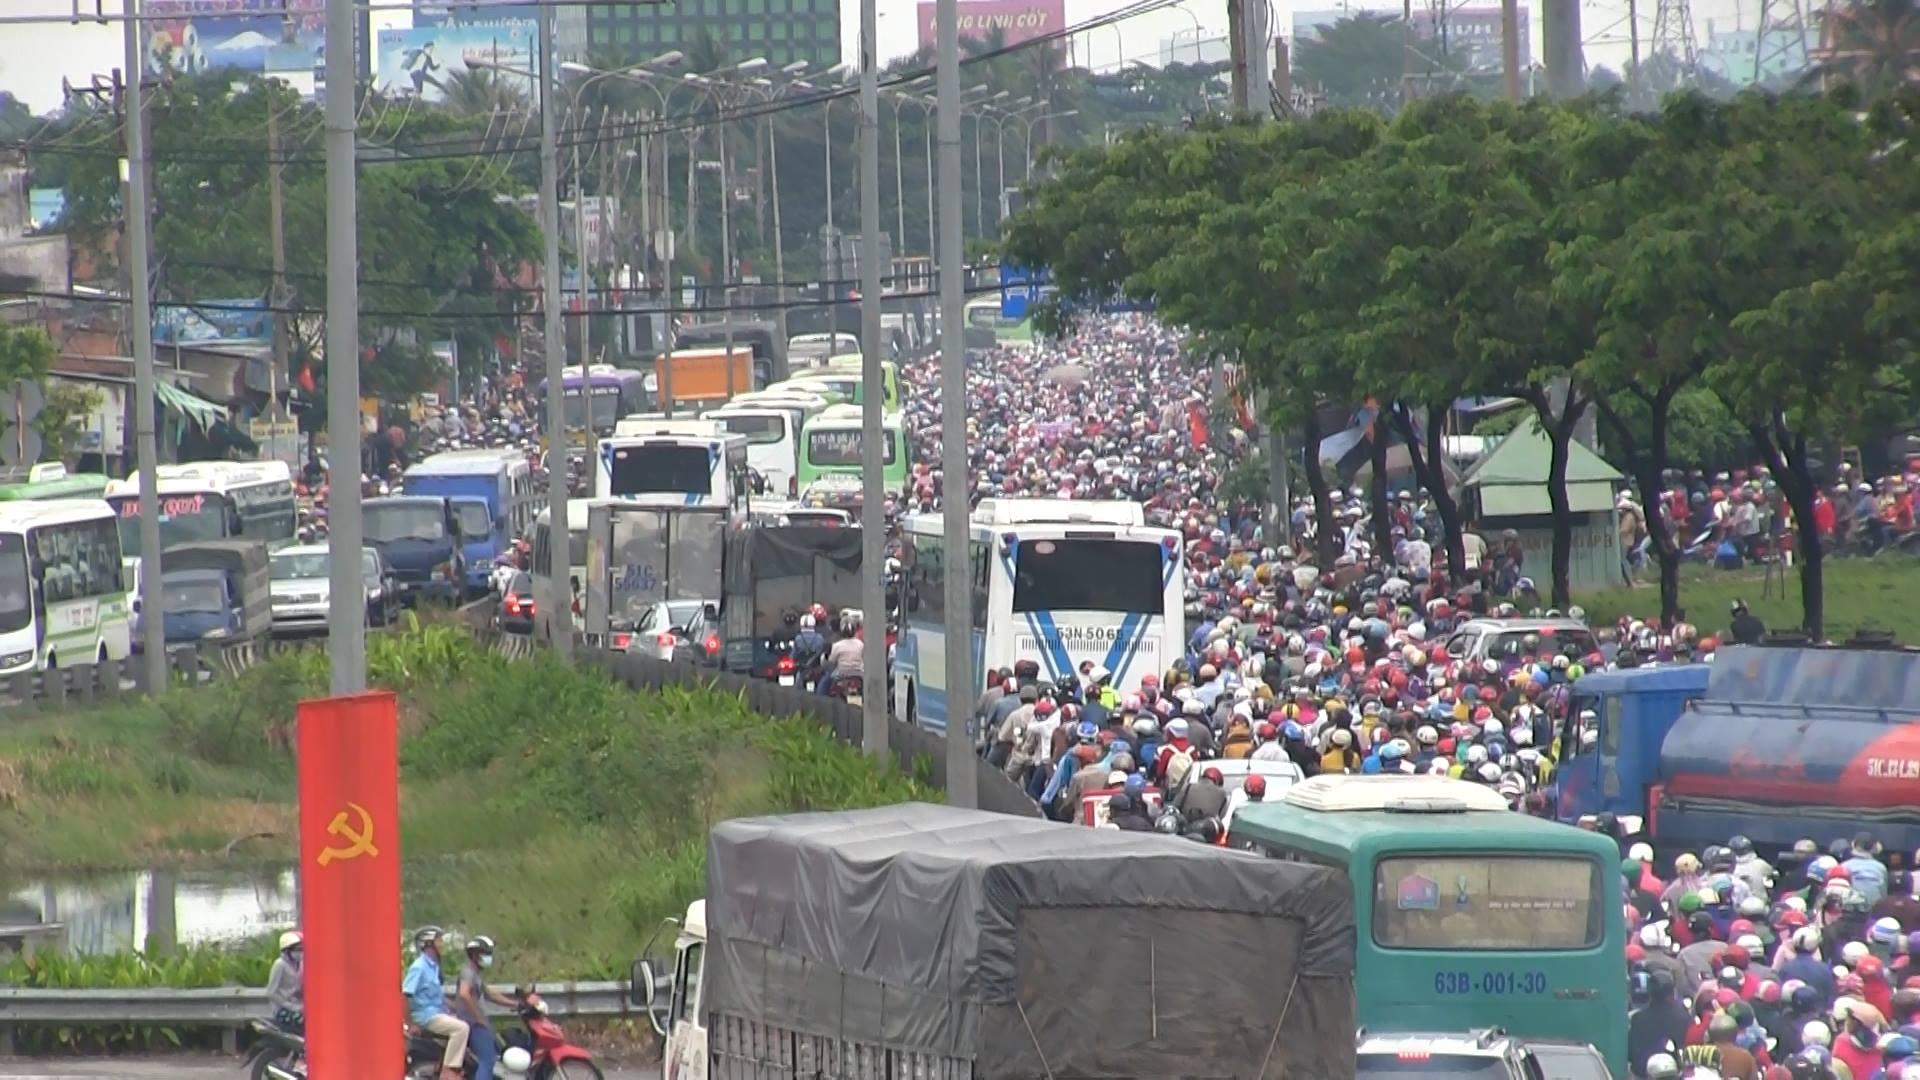 Hàng ngàn phương tiện kẹt cứng, giao thông hỗn loạn đo đường ngập và lượng phương tiện quá lớn. Ảnh: Infonet